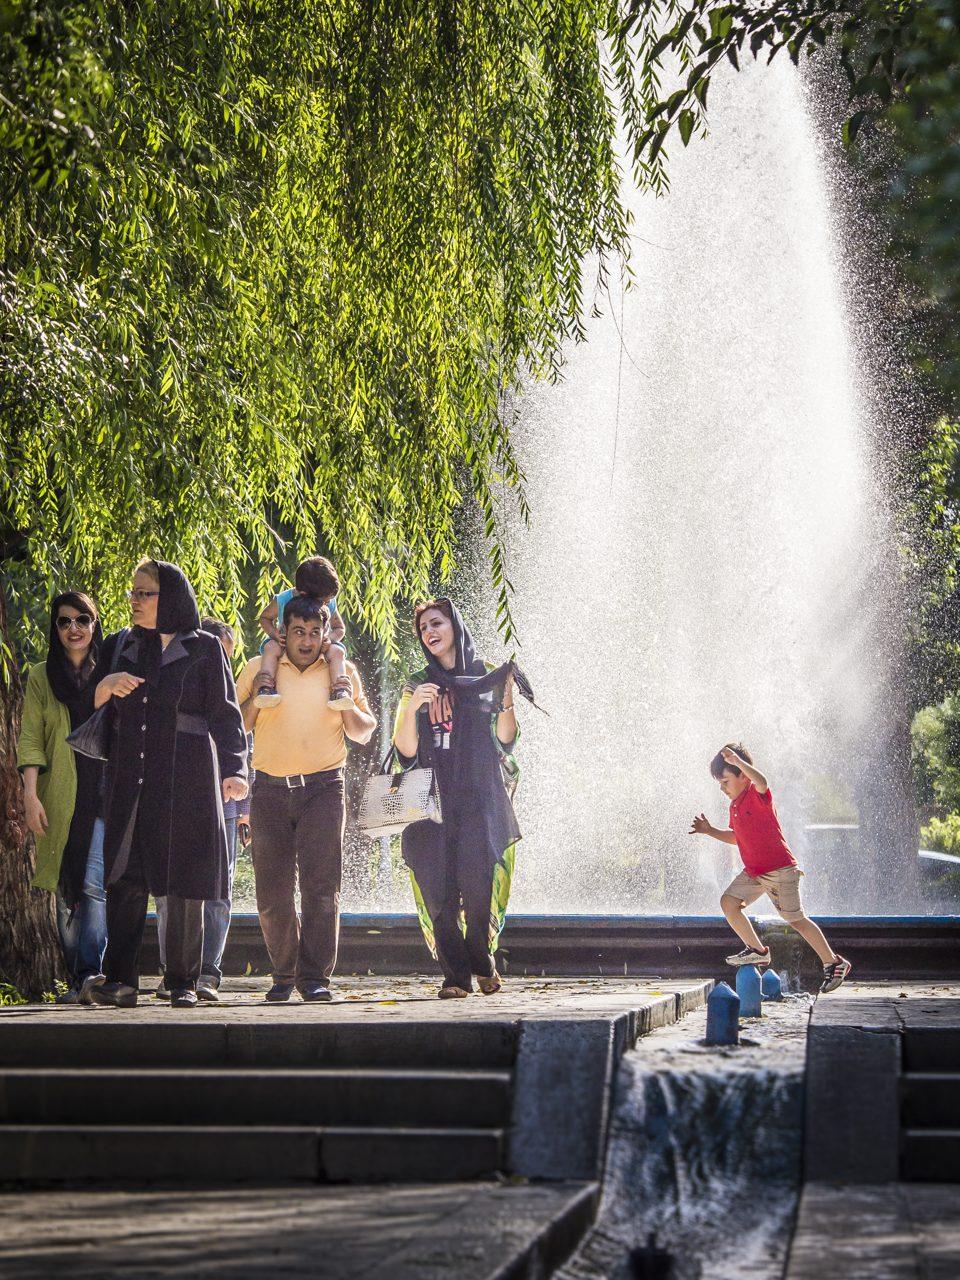 Iran, Isfahan, Brunnen am Eingang zum Meidān-e Emām-Platz, Asien, 18.07.2014